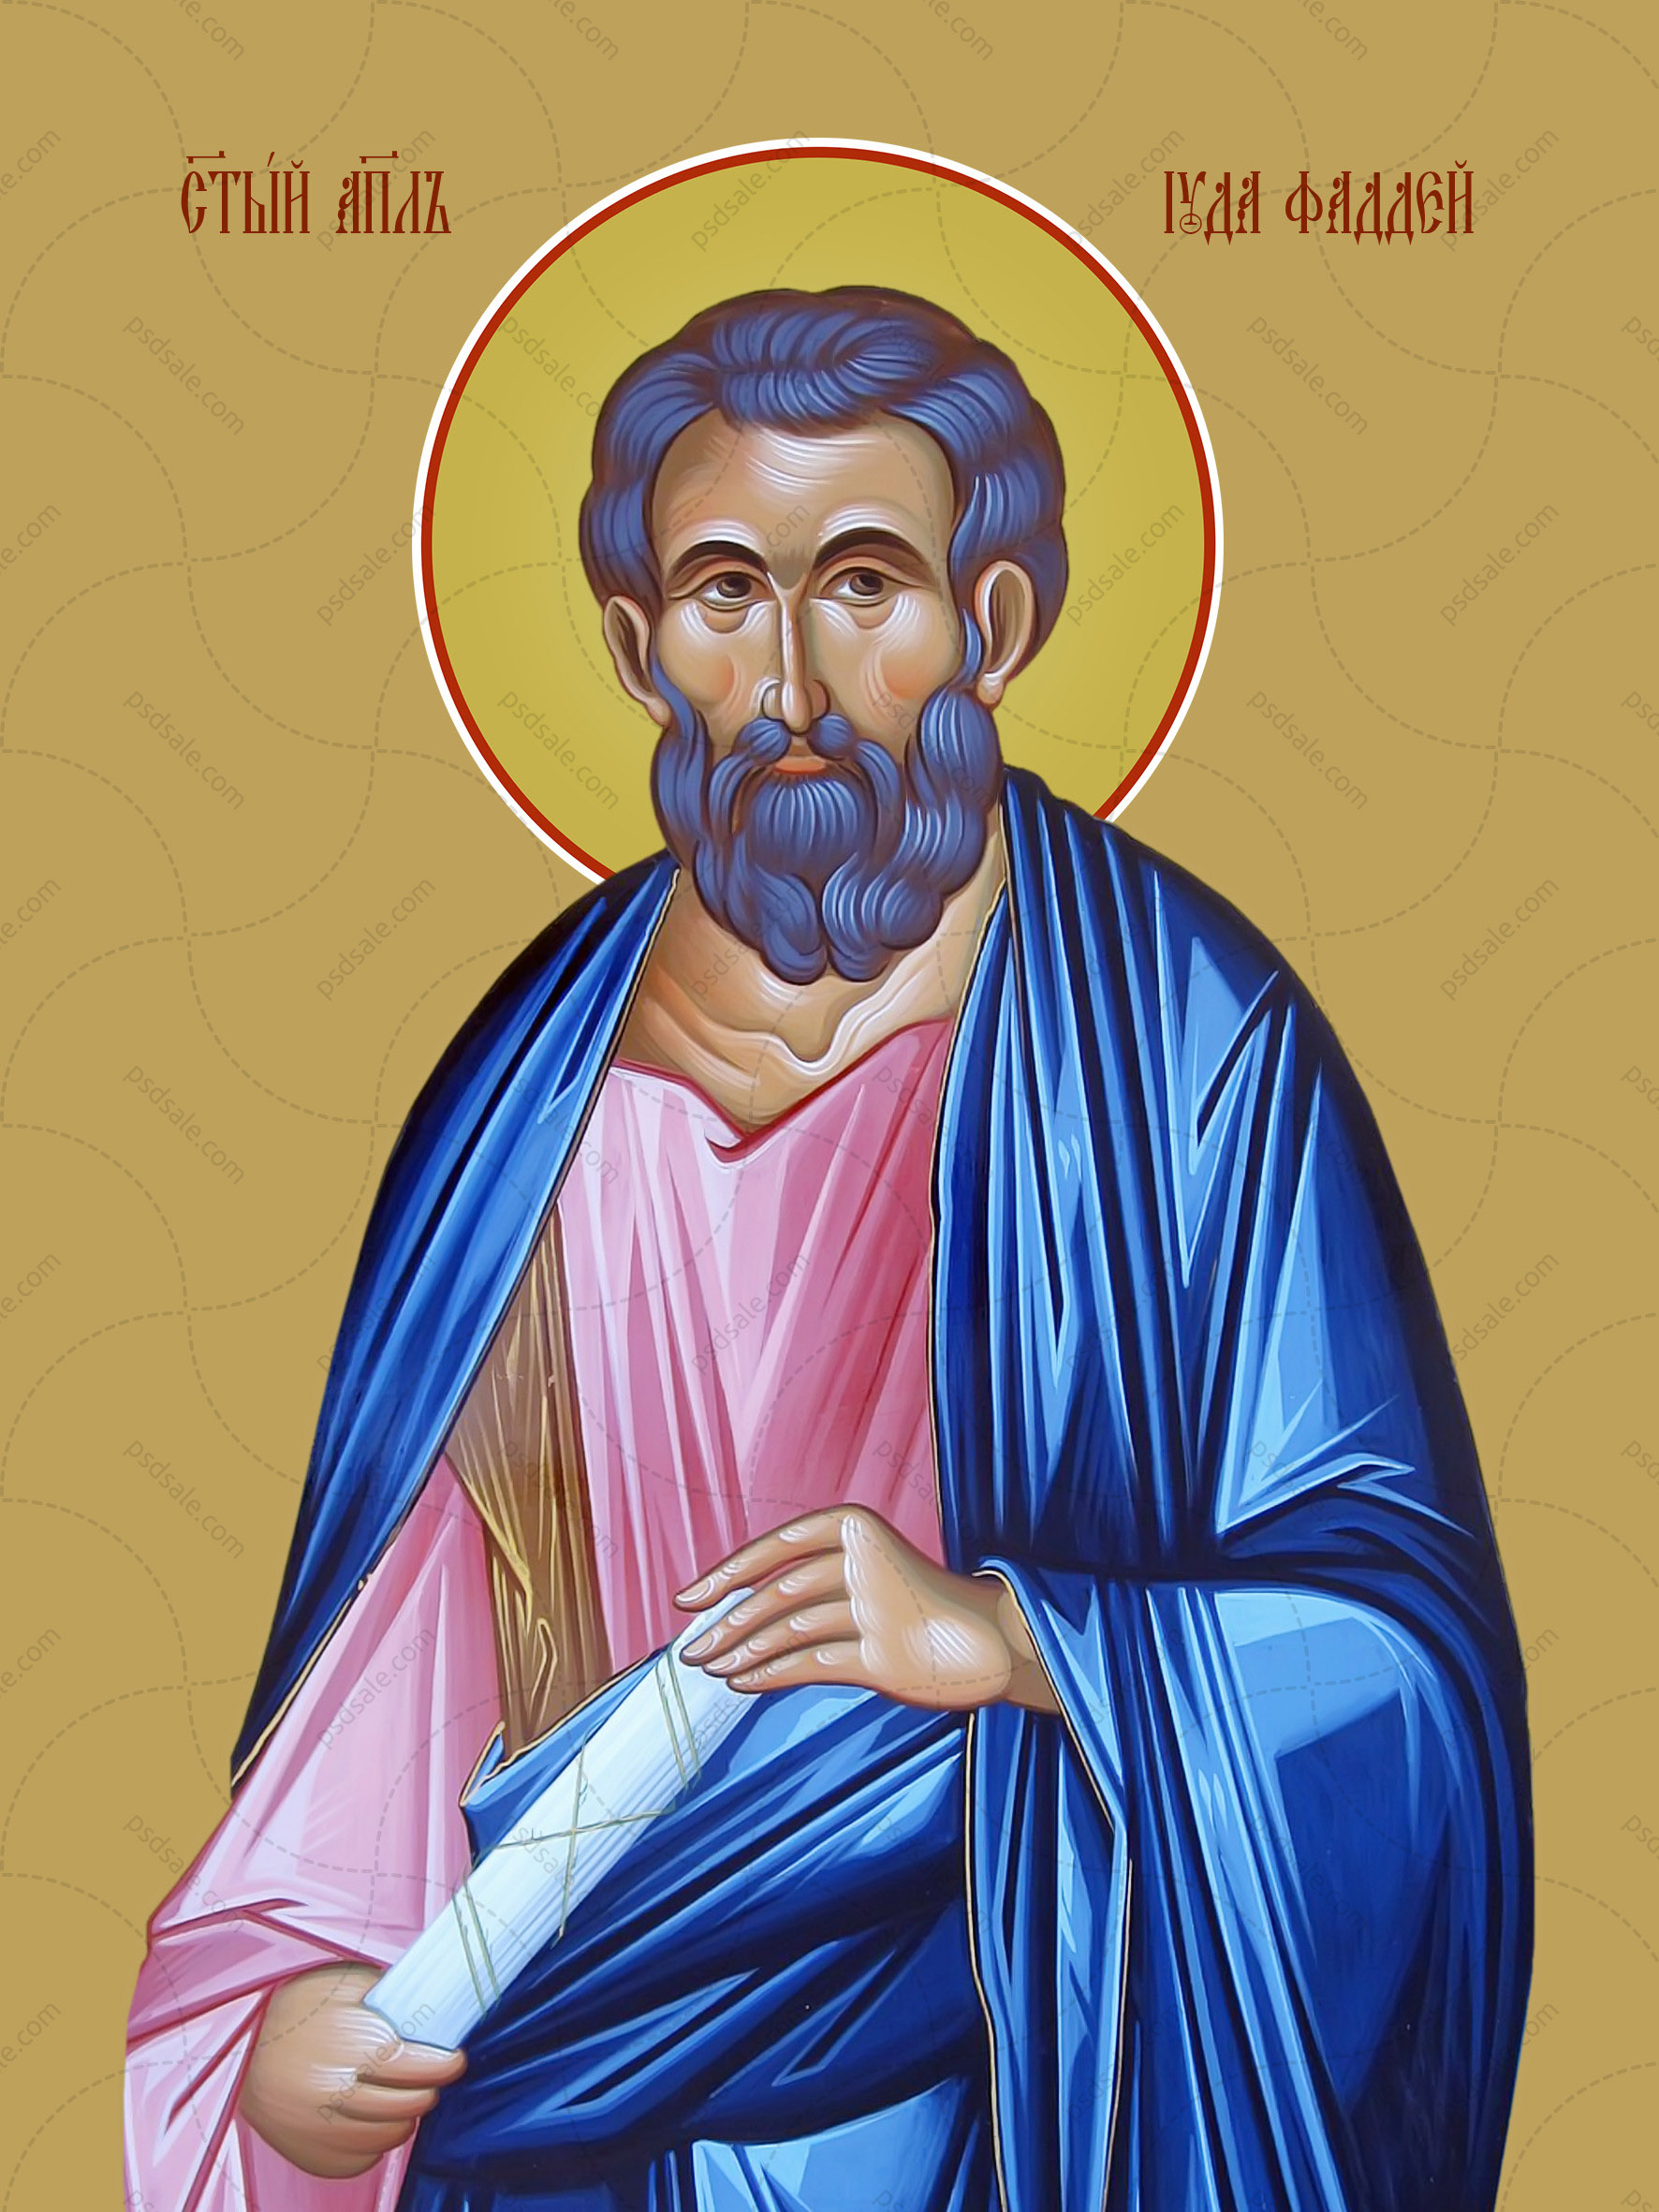 Иуда Фаддей, святой апостол